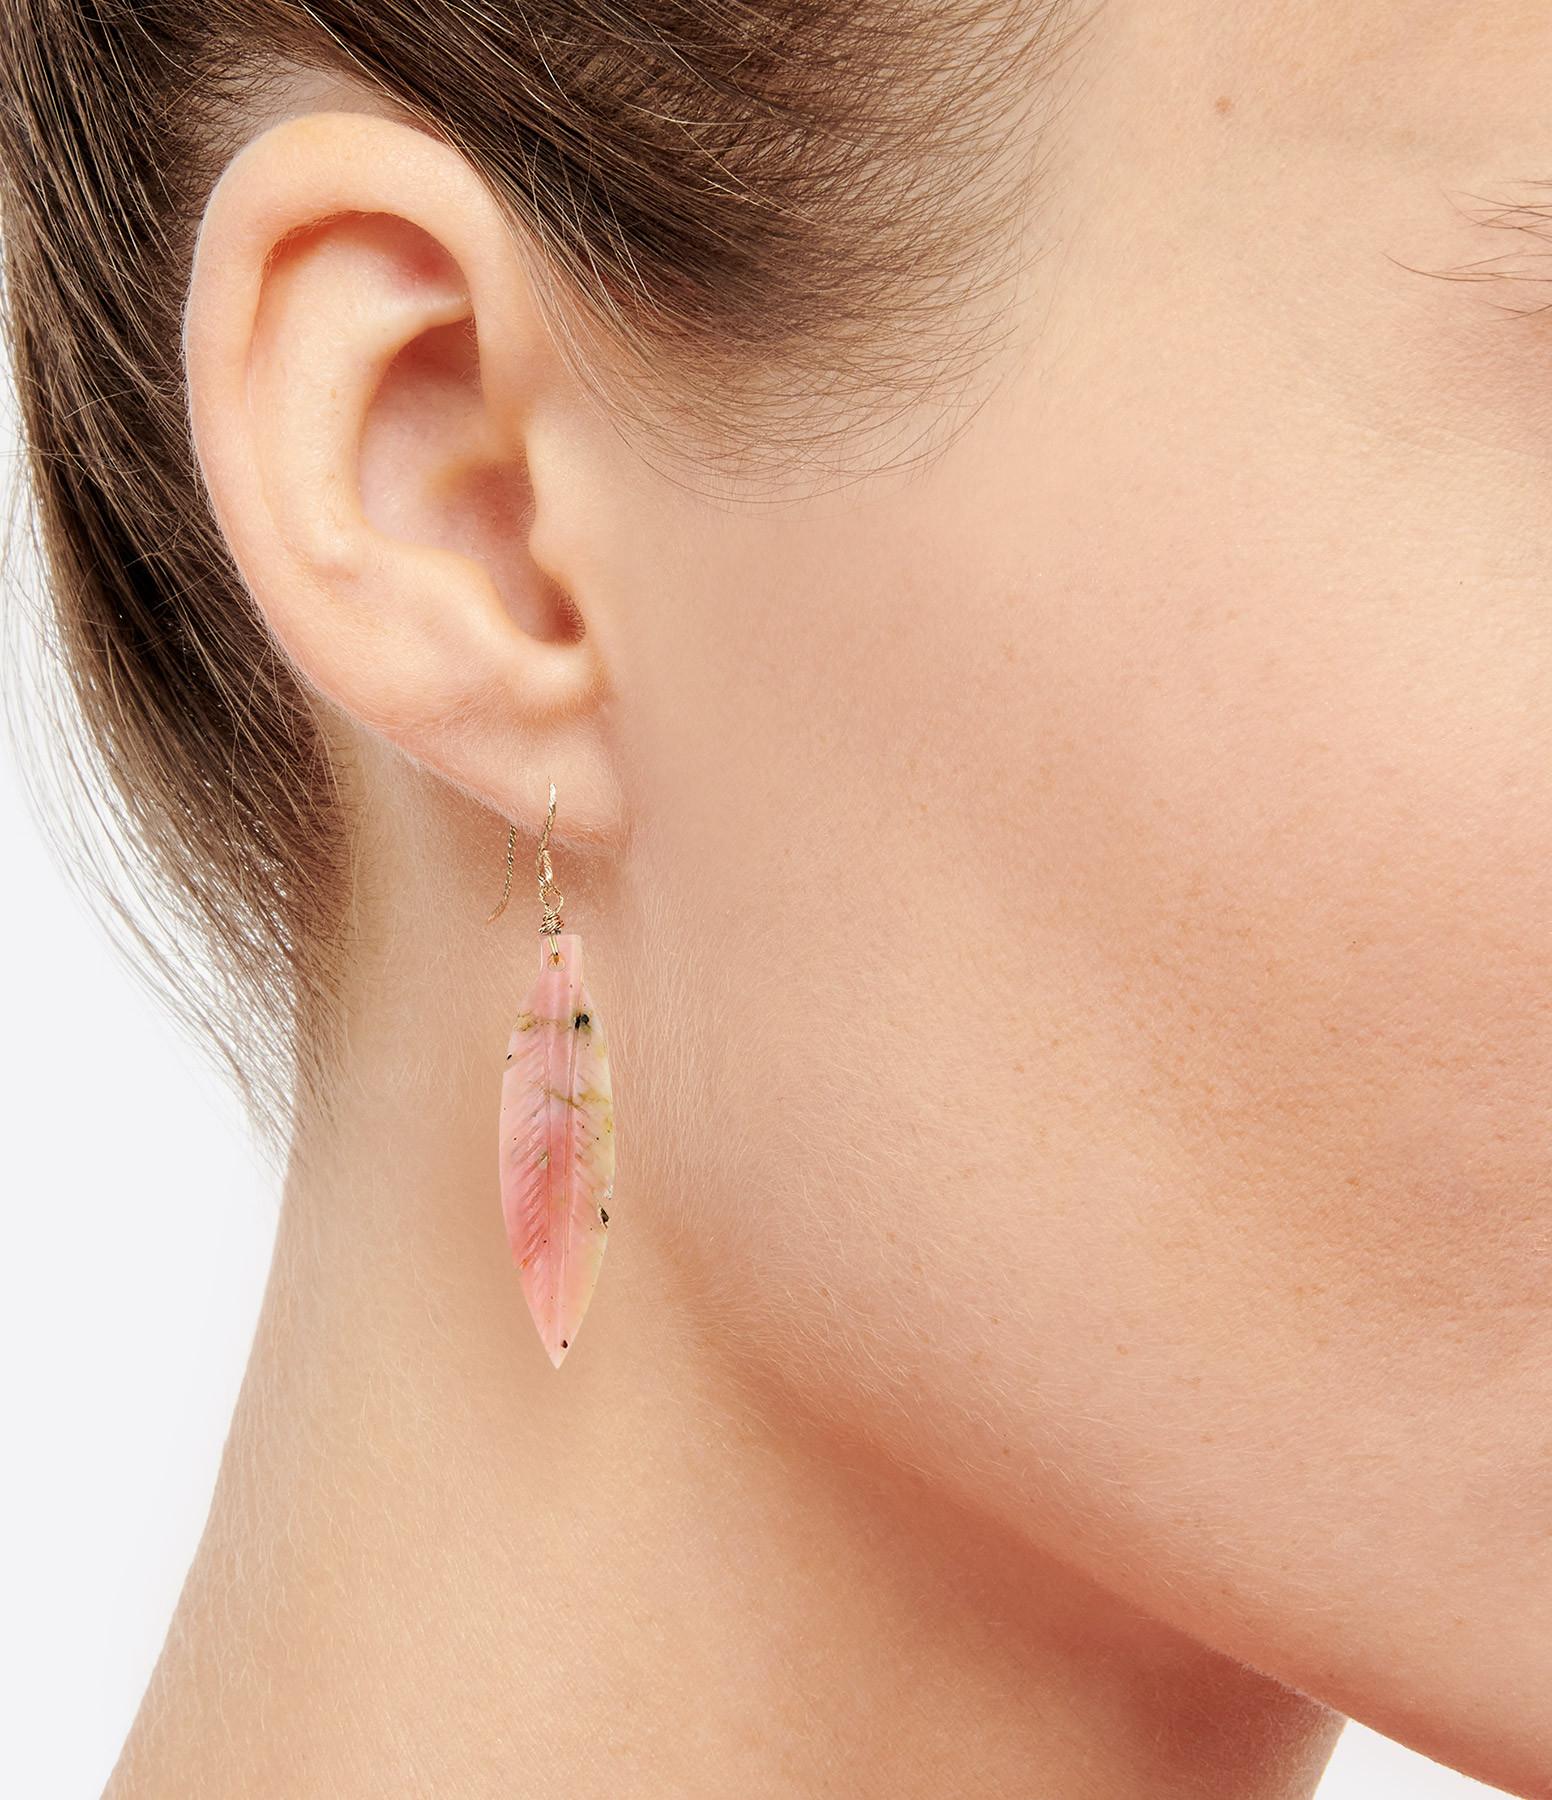 MON PRECIEUX GEM - Boucle d'oreille Plume Opale Rose (unité)